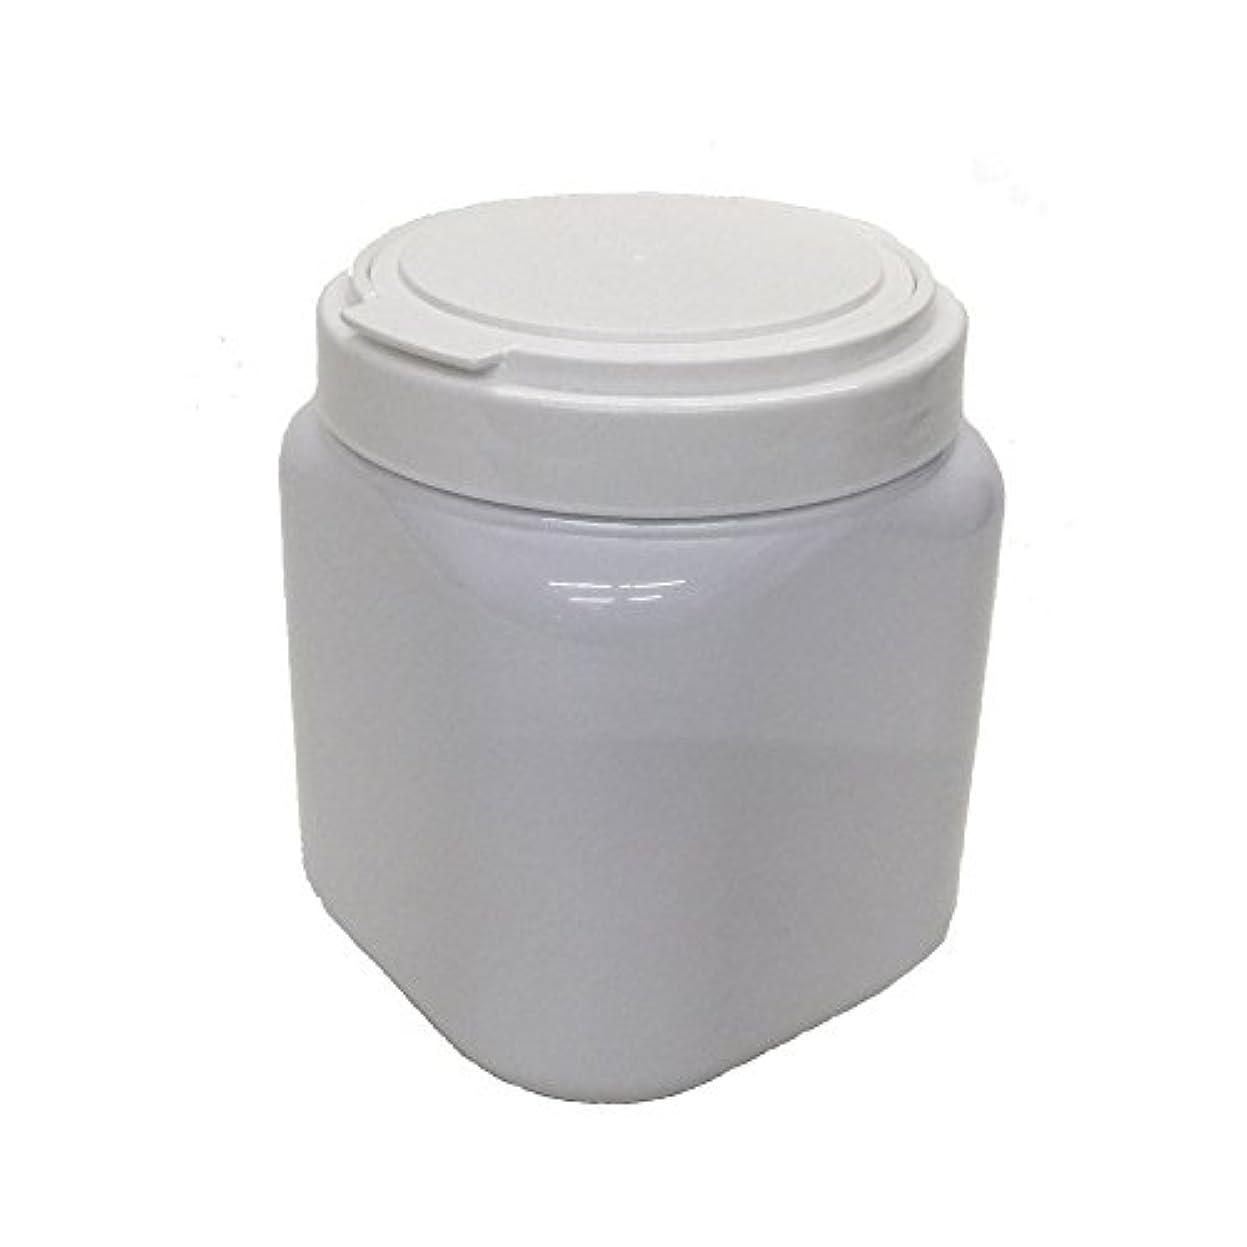 波紋噴出するびっくりcubebox-WH-1500(ホワイト)【選べるラベル付き!】 ((StylishI)スタイリッシュ調)